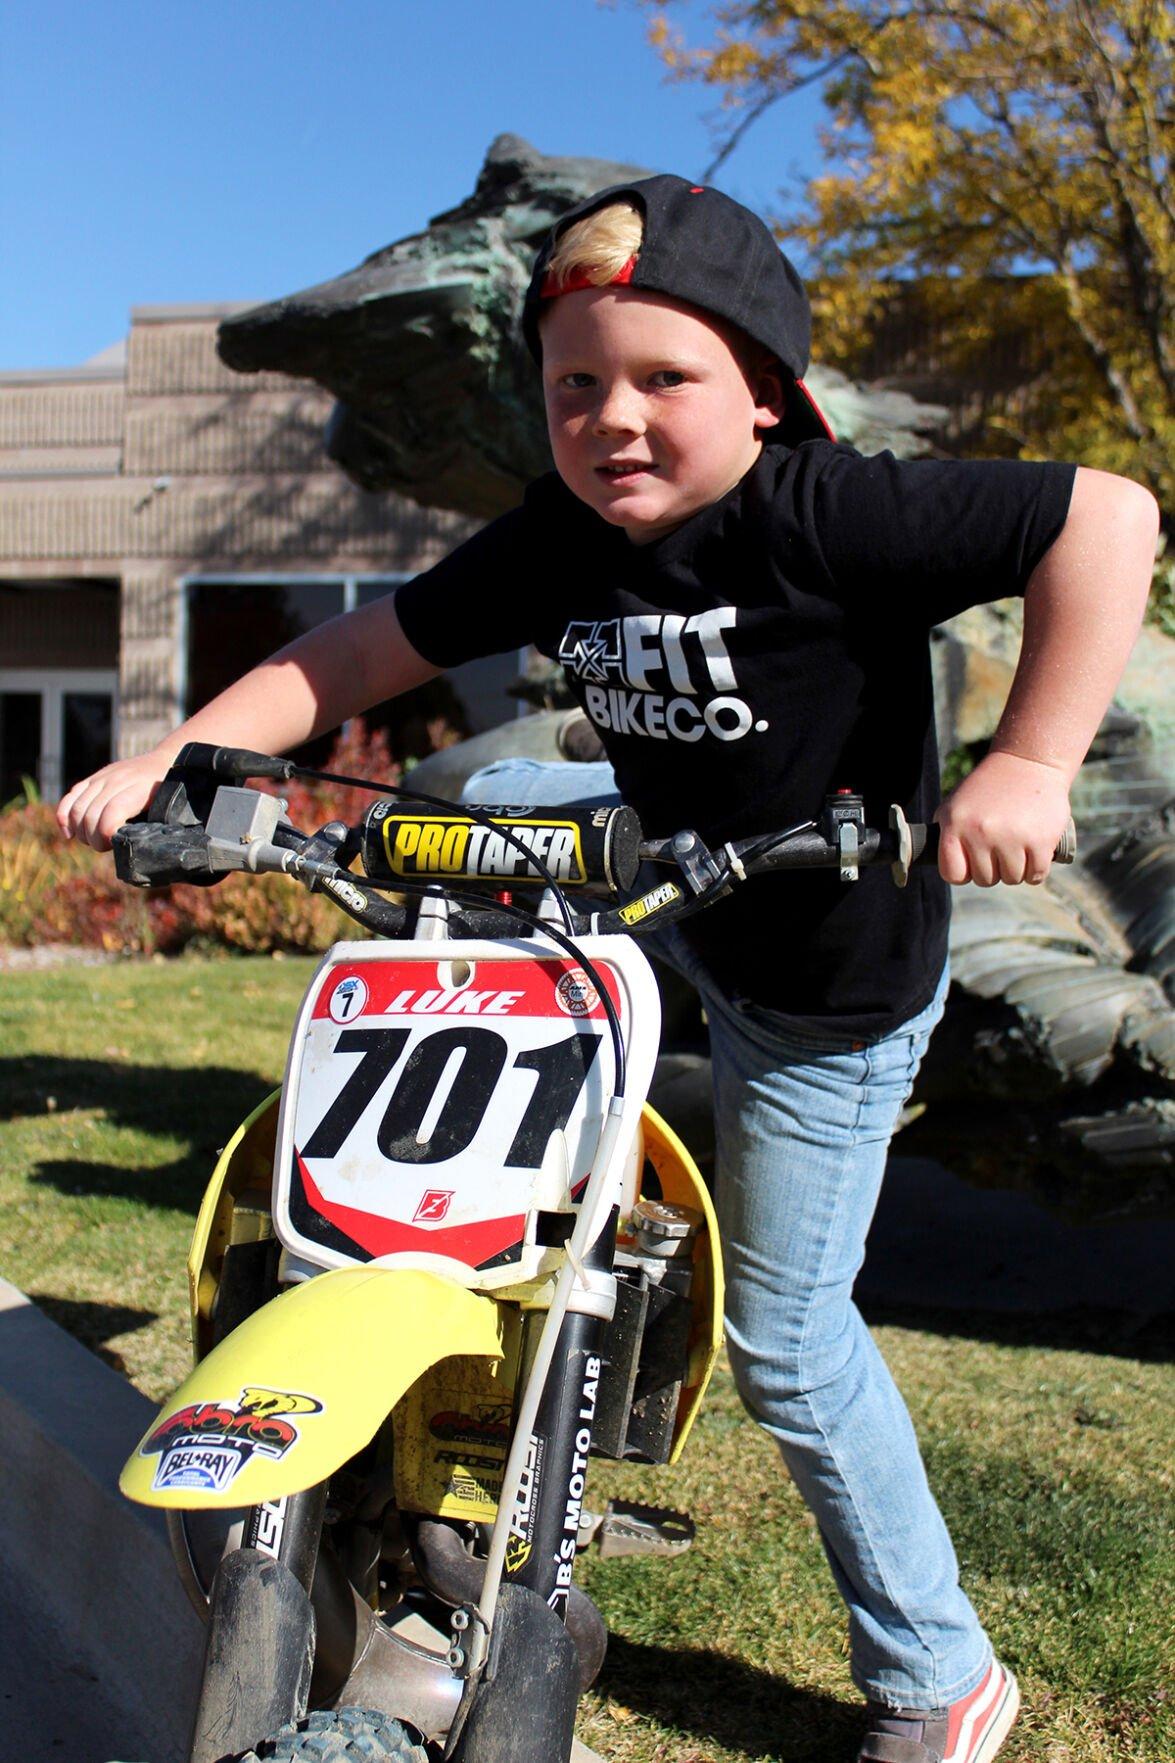 Noah getting on his bike